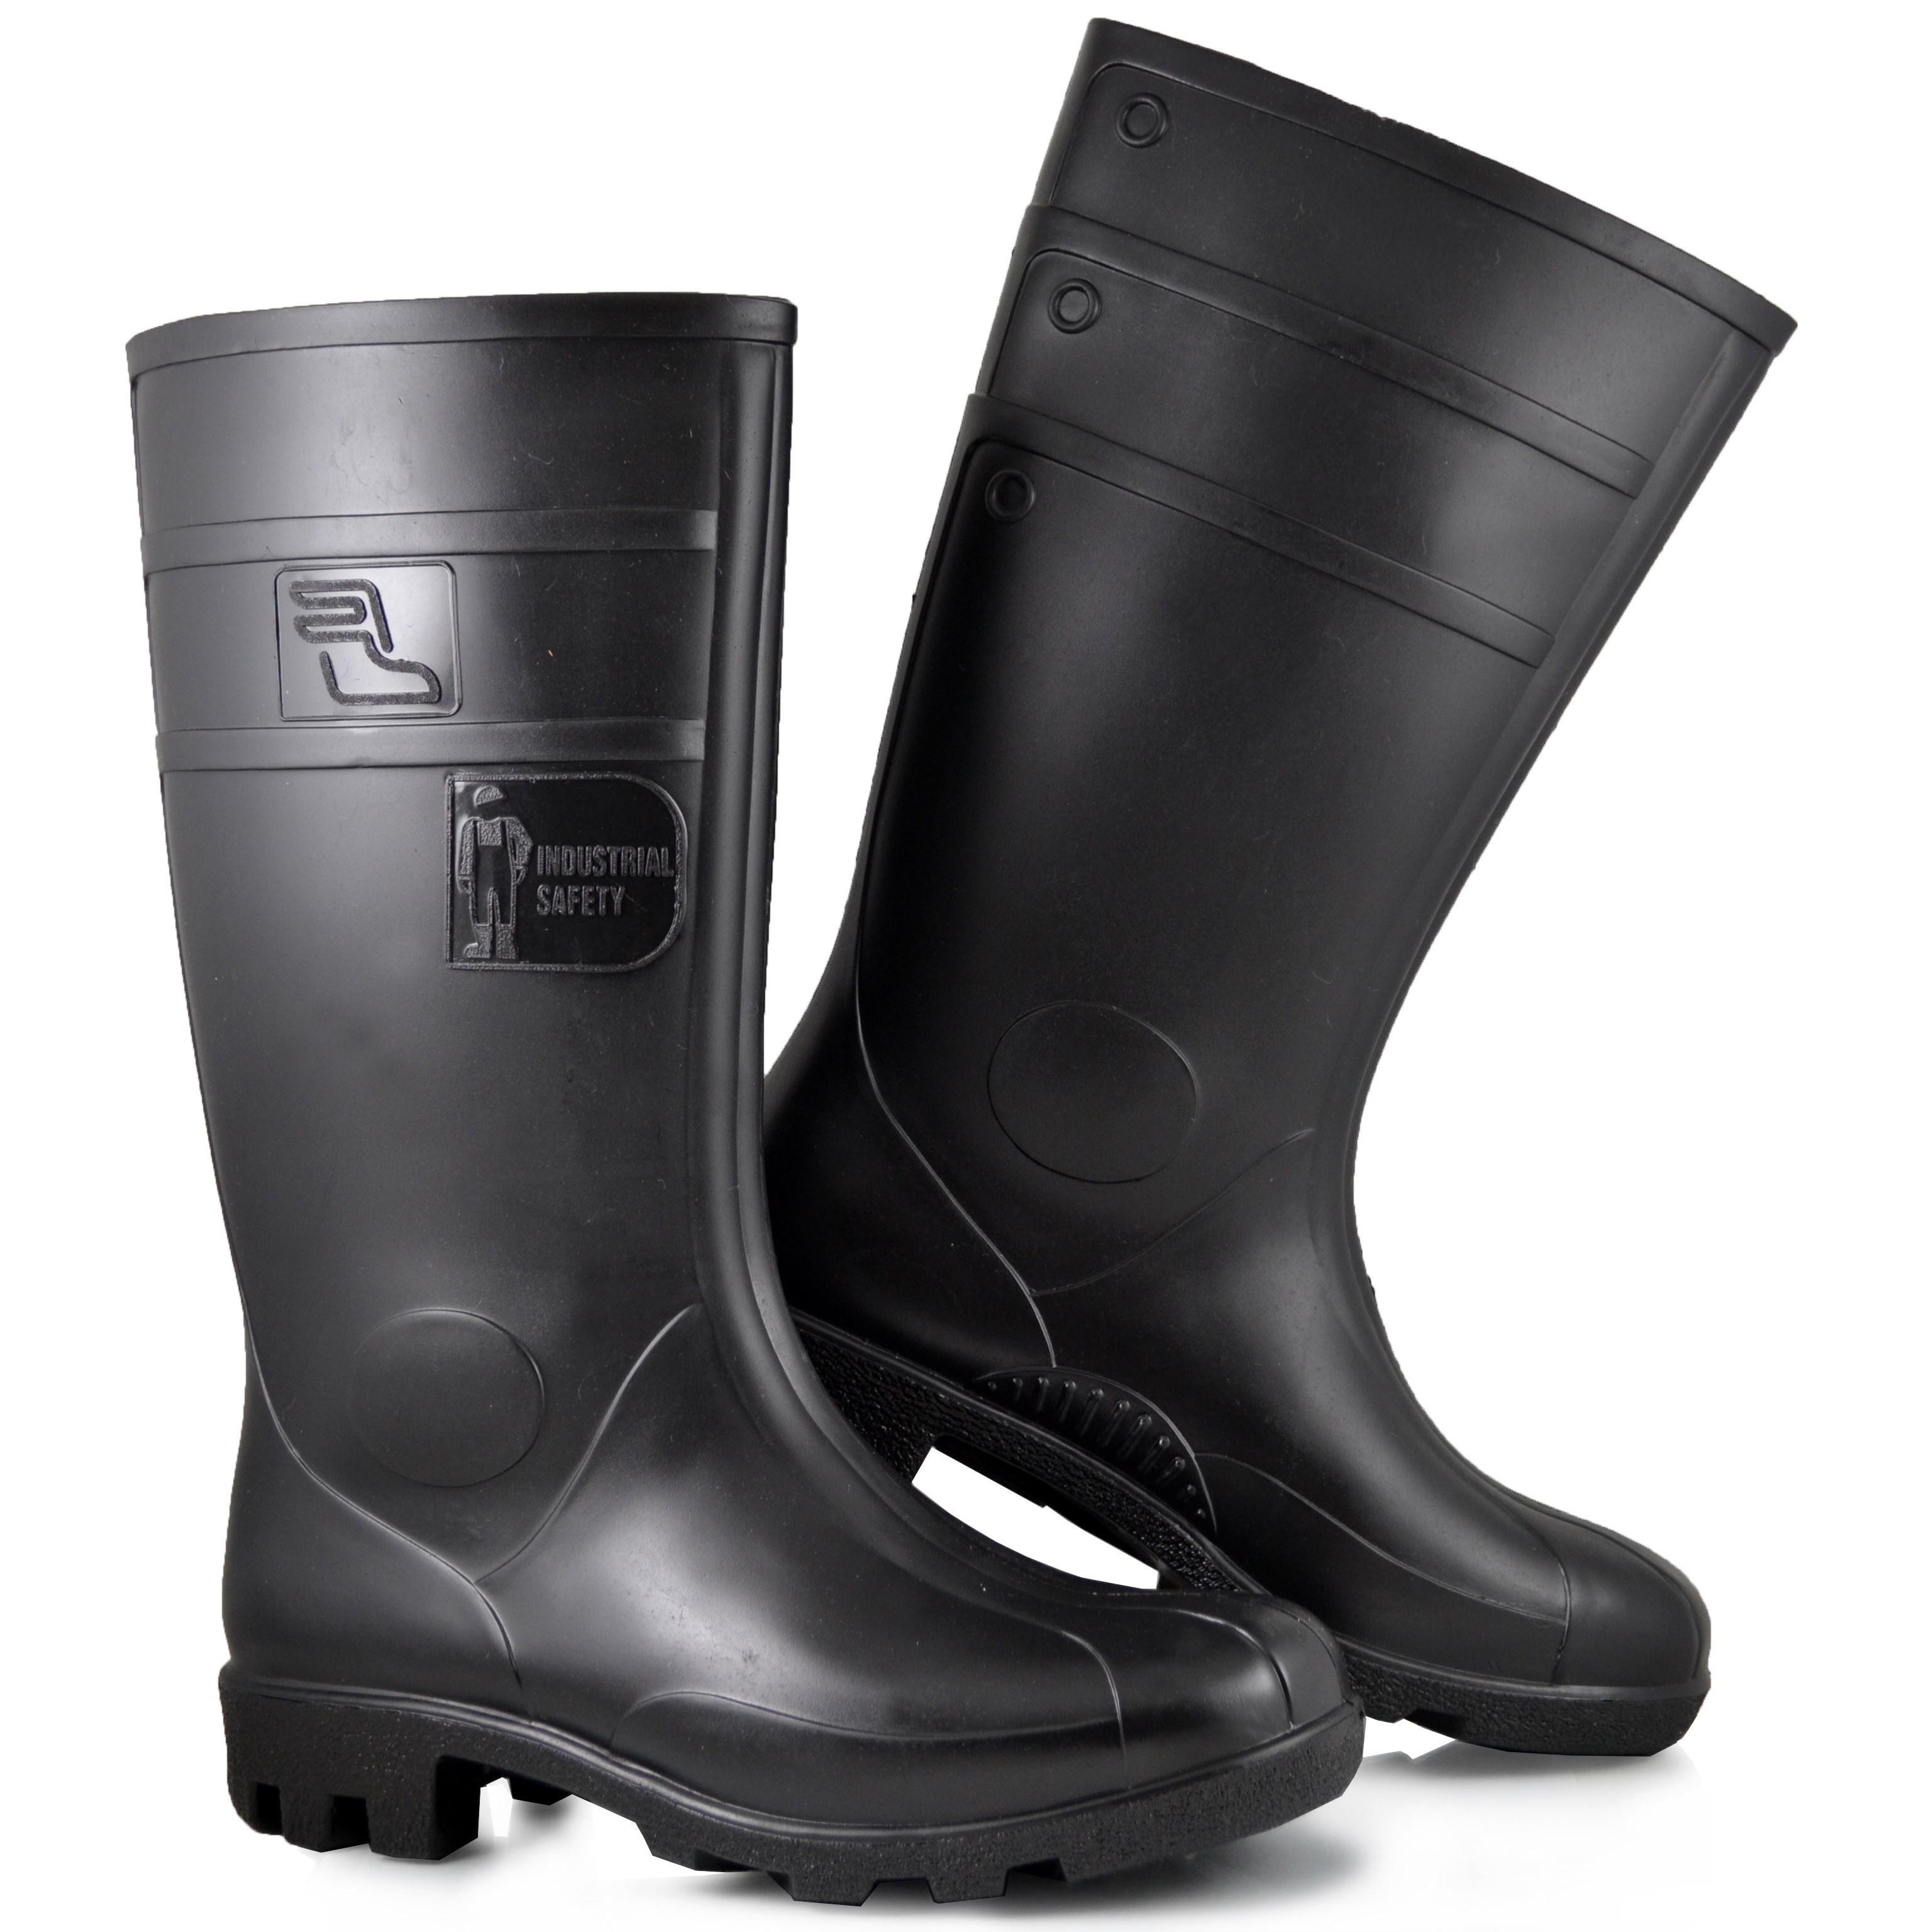 Fagum-Stomil Kalosze meskie 13157 rozmiar 40 - BFPCV 40 BHP BFPCV 40 darba apavi